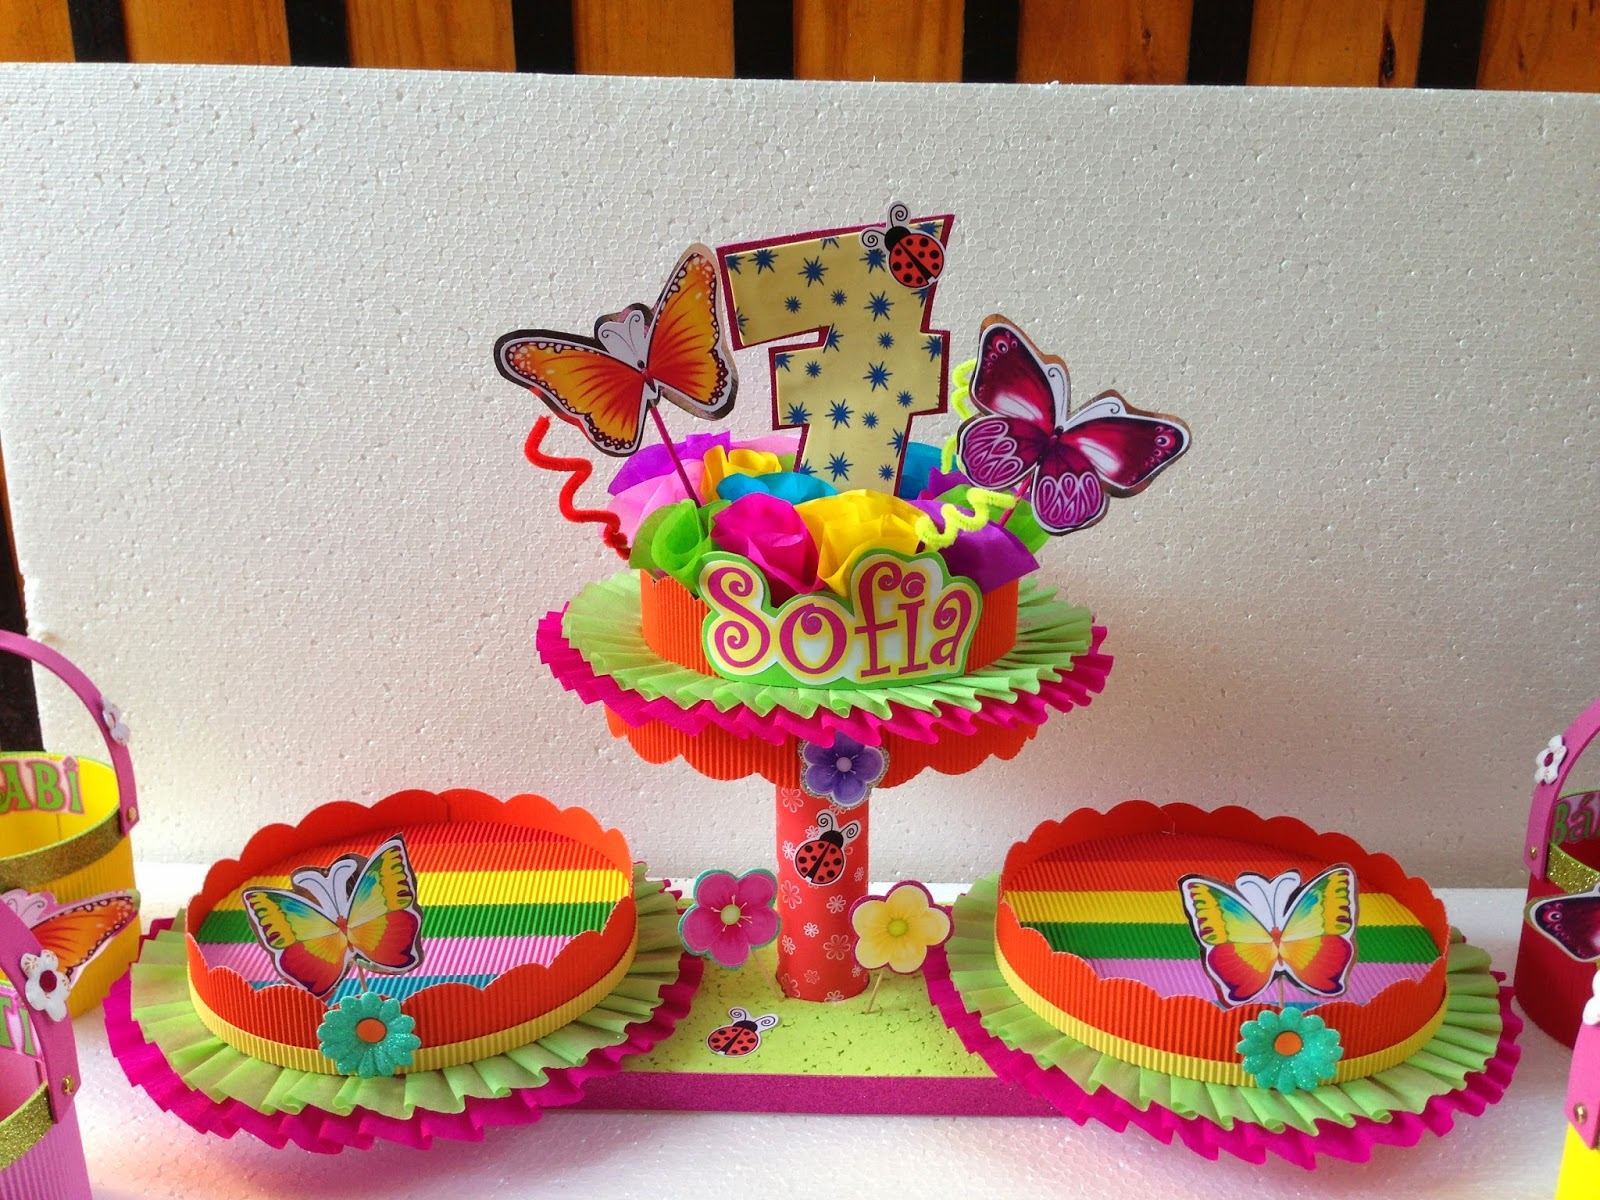 Decoraciones infantiles flores y mariposas for Decoracion de adornos